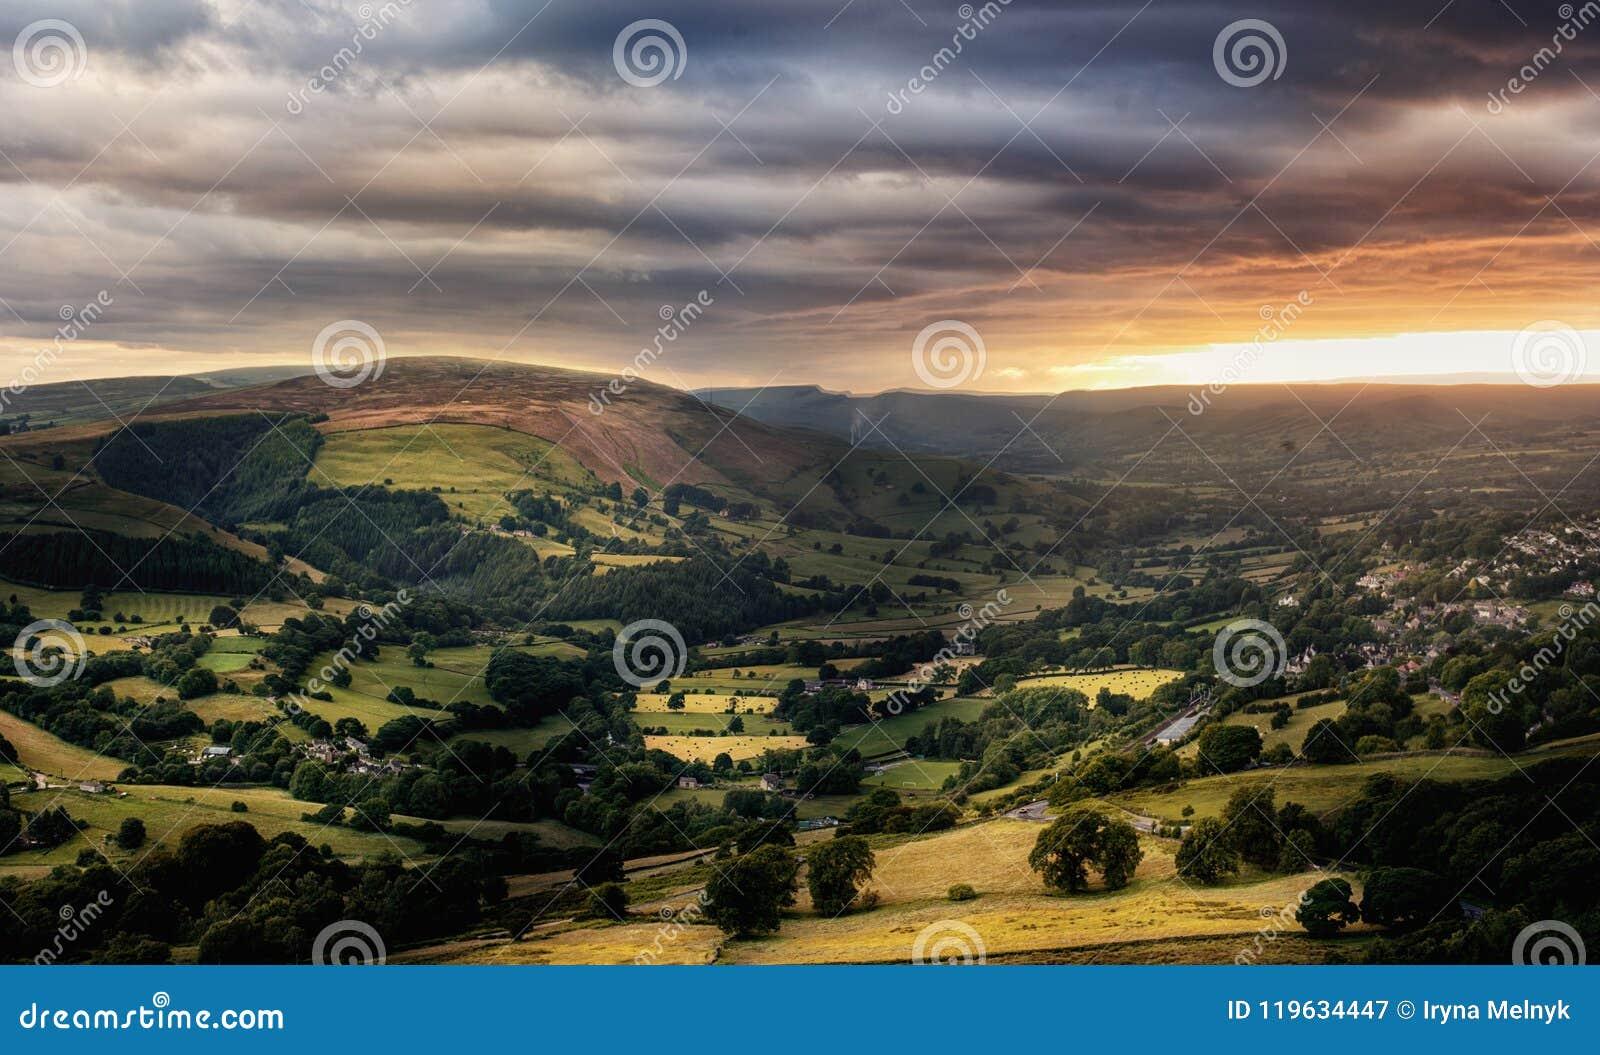 Erstaunlicher Sonnenuntergang, Höchstbezirks-Nationalpark, Derbyshire, England, Vereinigtes Königreich, Europa